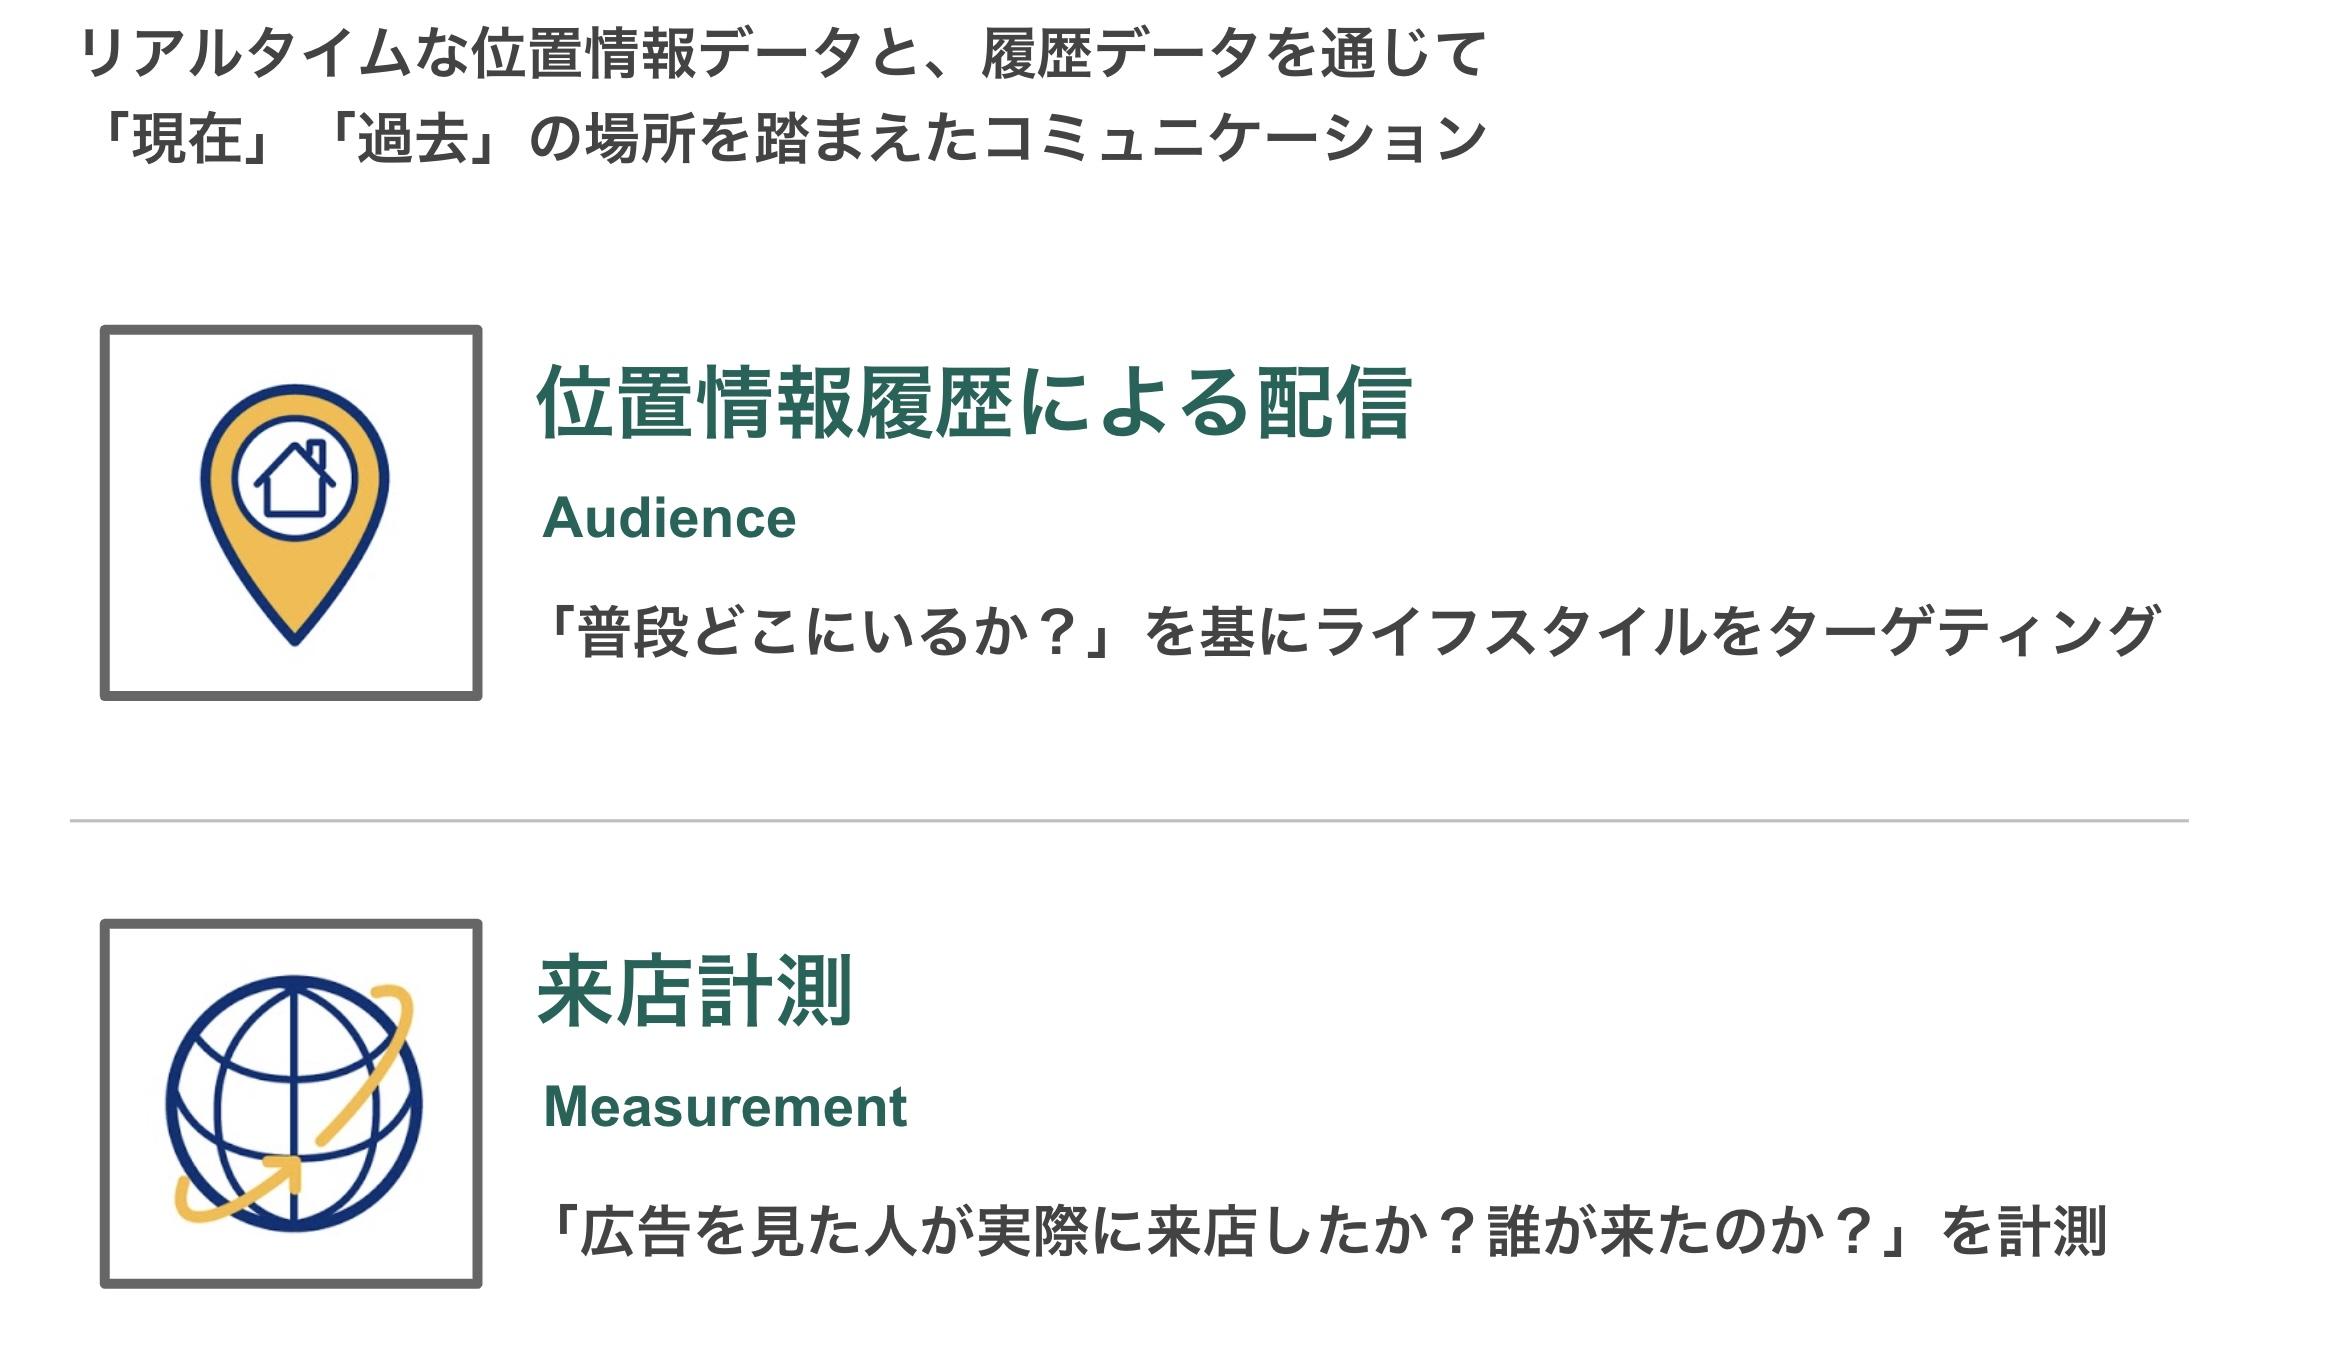 ジオターゲティング音声広告の活用例